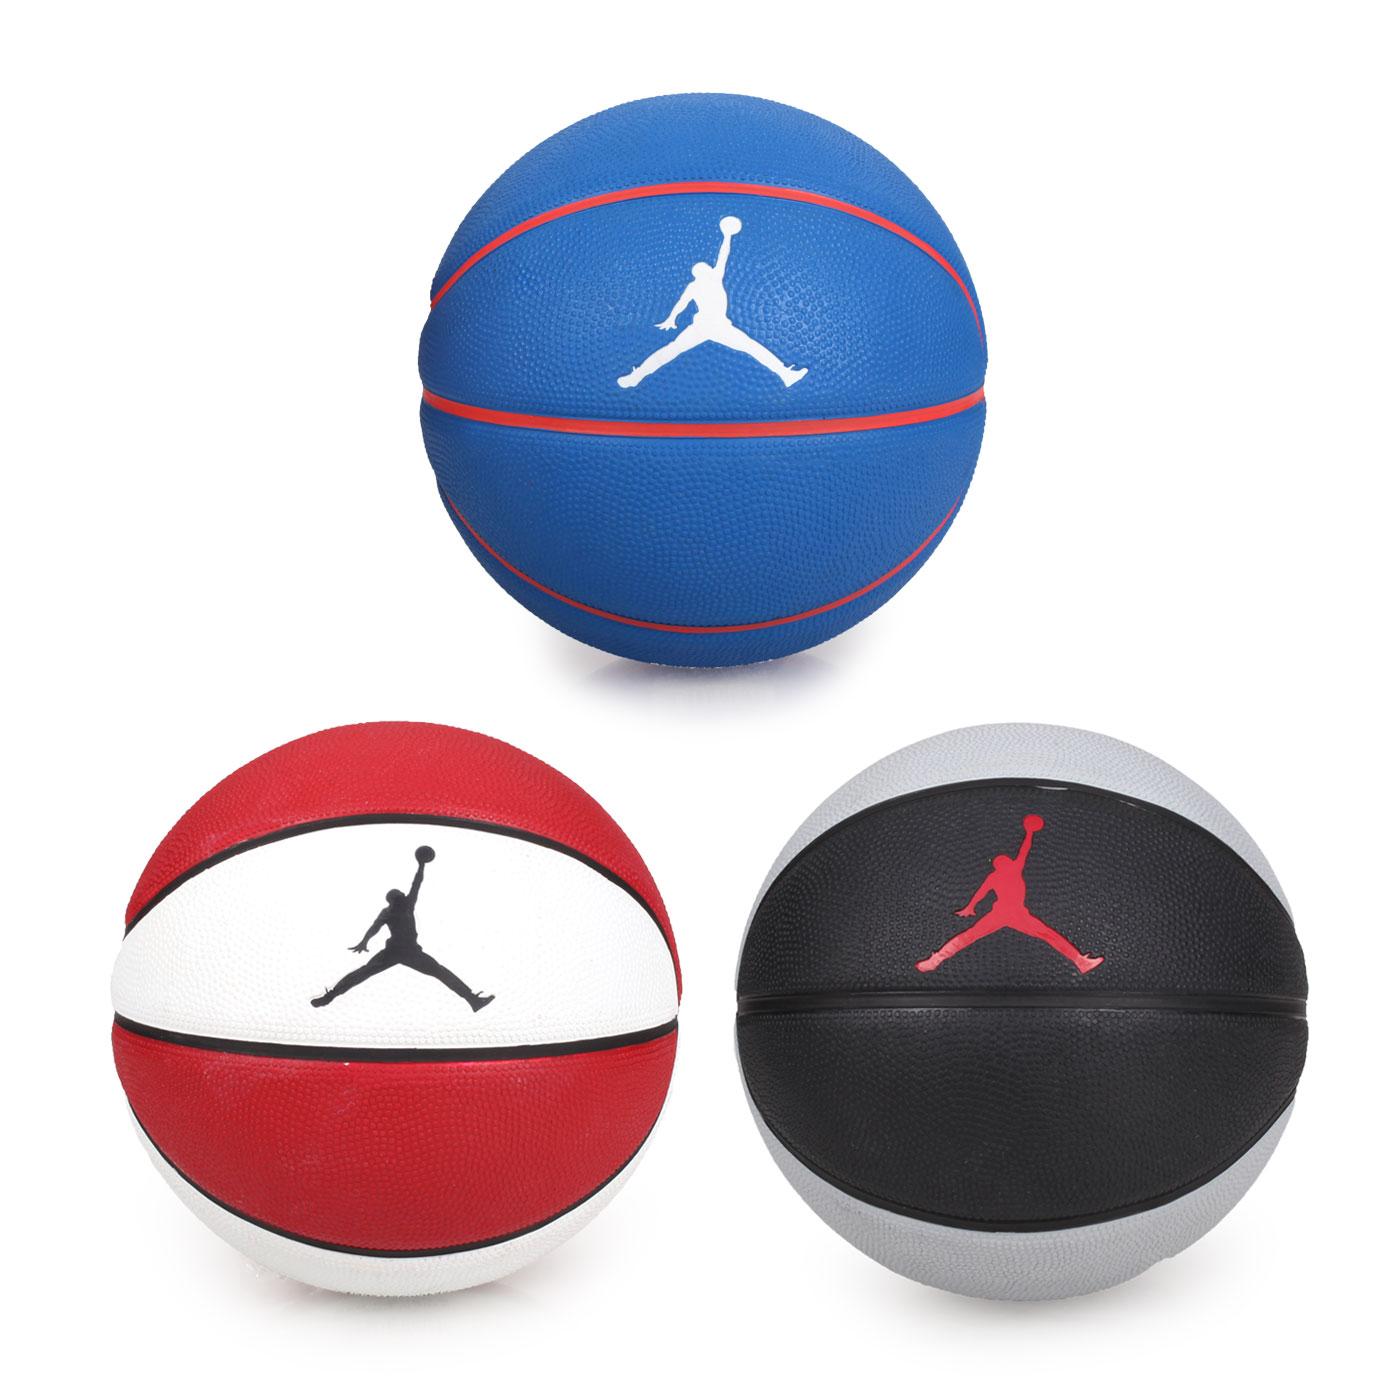 NIKE JORDAN SKILLS 3號籃球 J000188404103